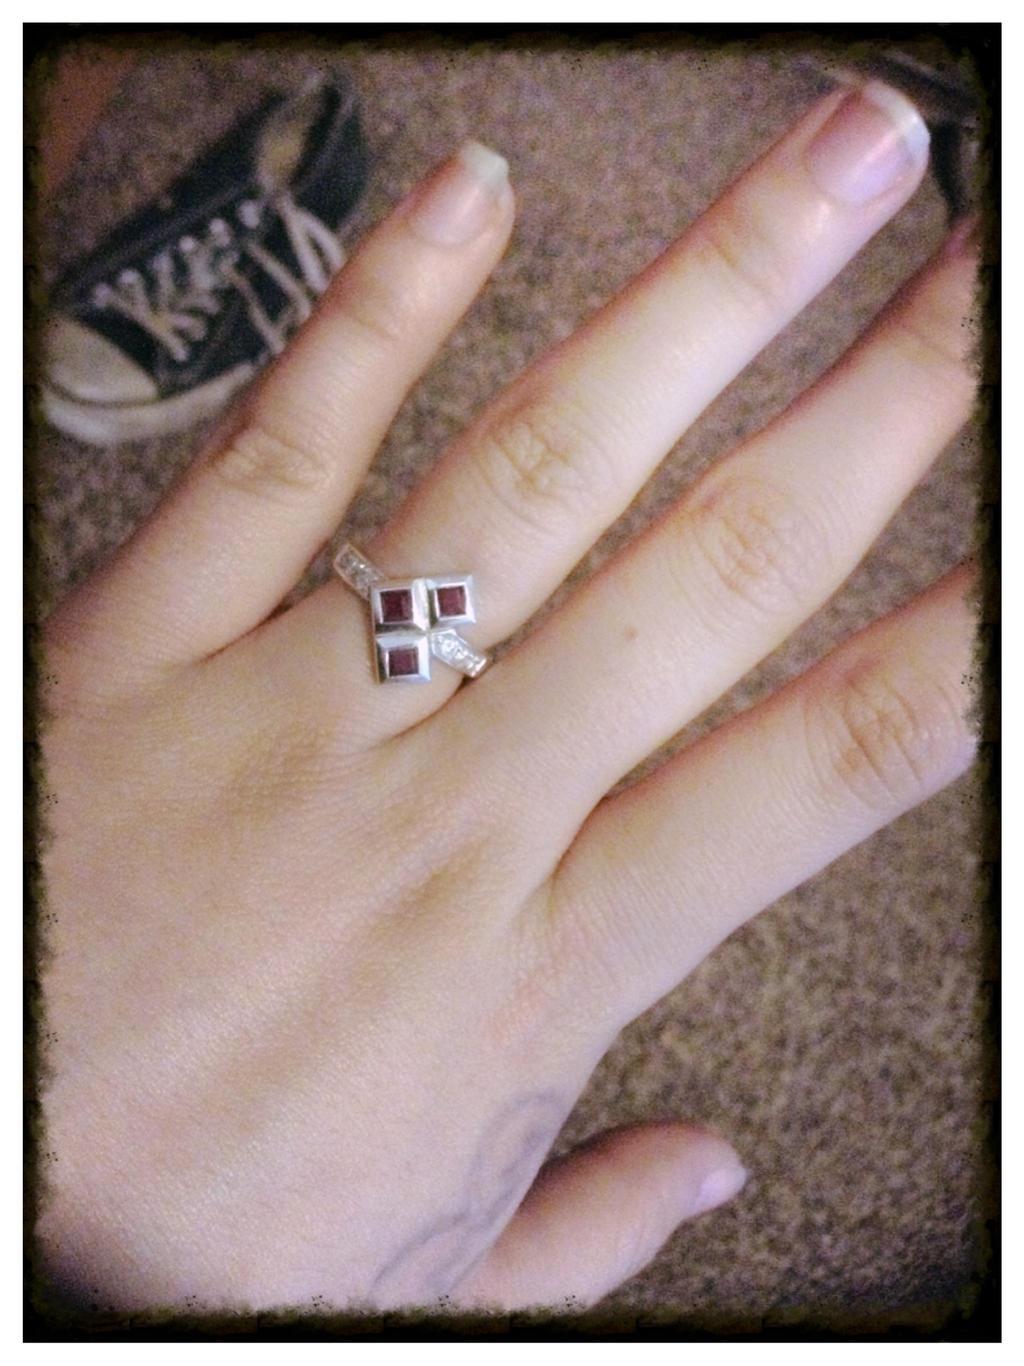 Harley Quinn custom engagement ring by SmilexVillainco on DeviantArt